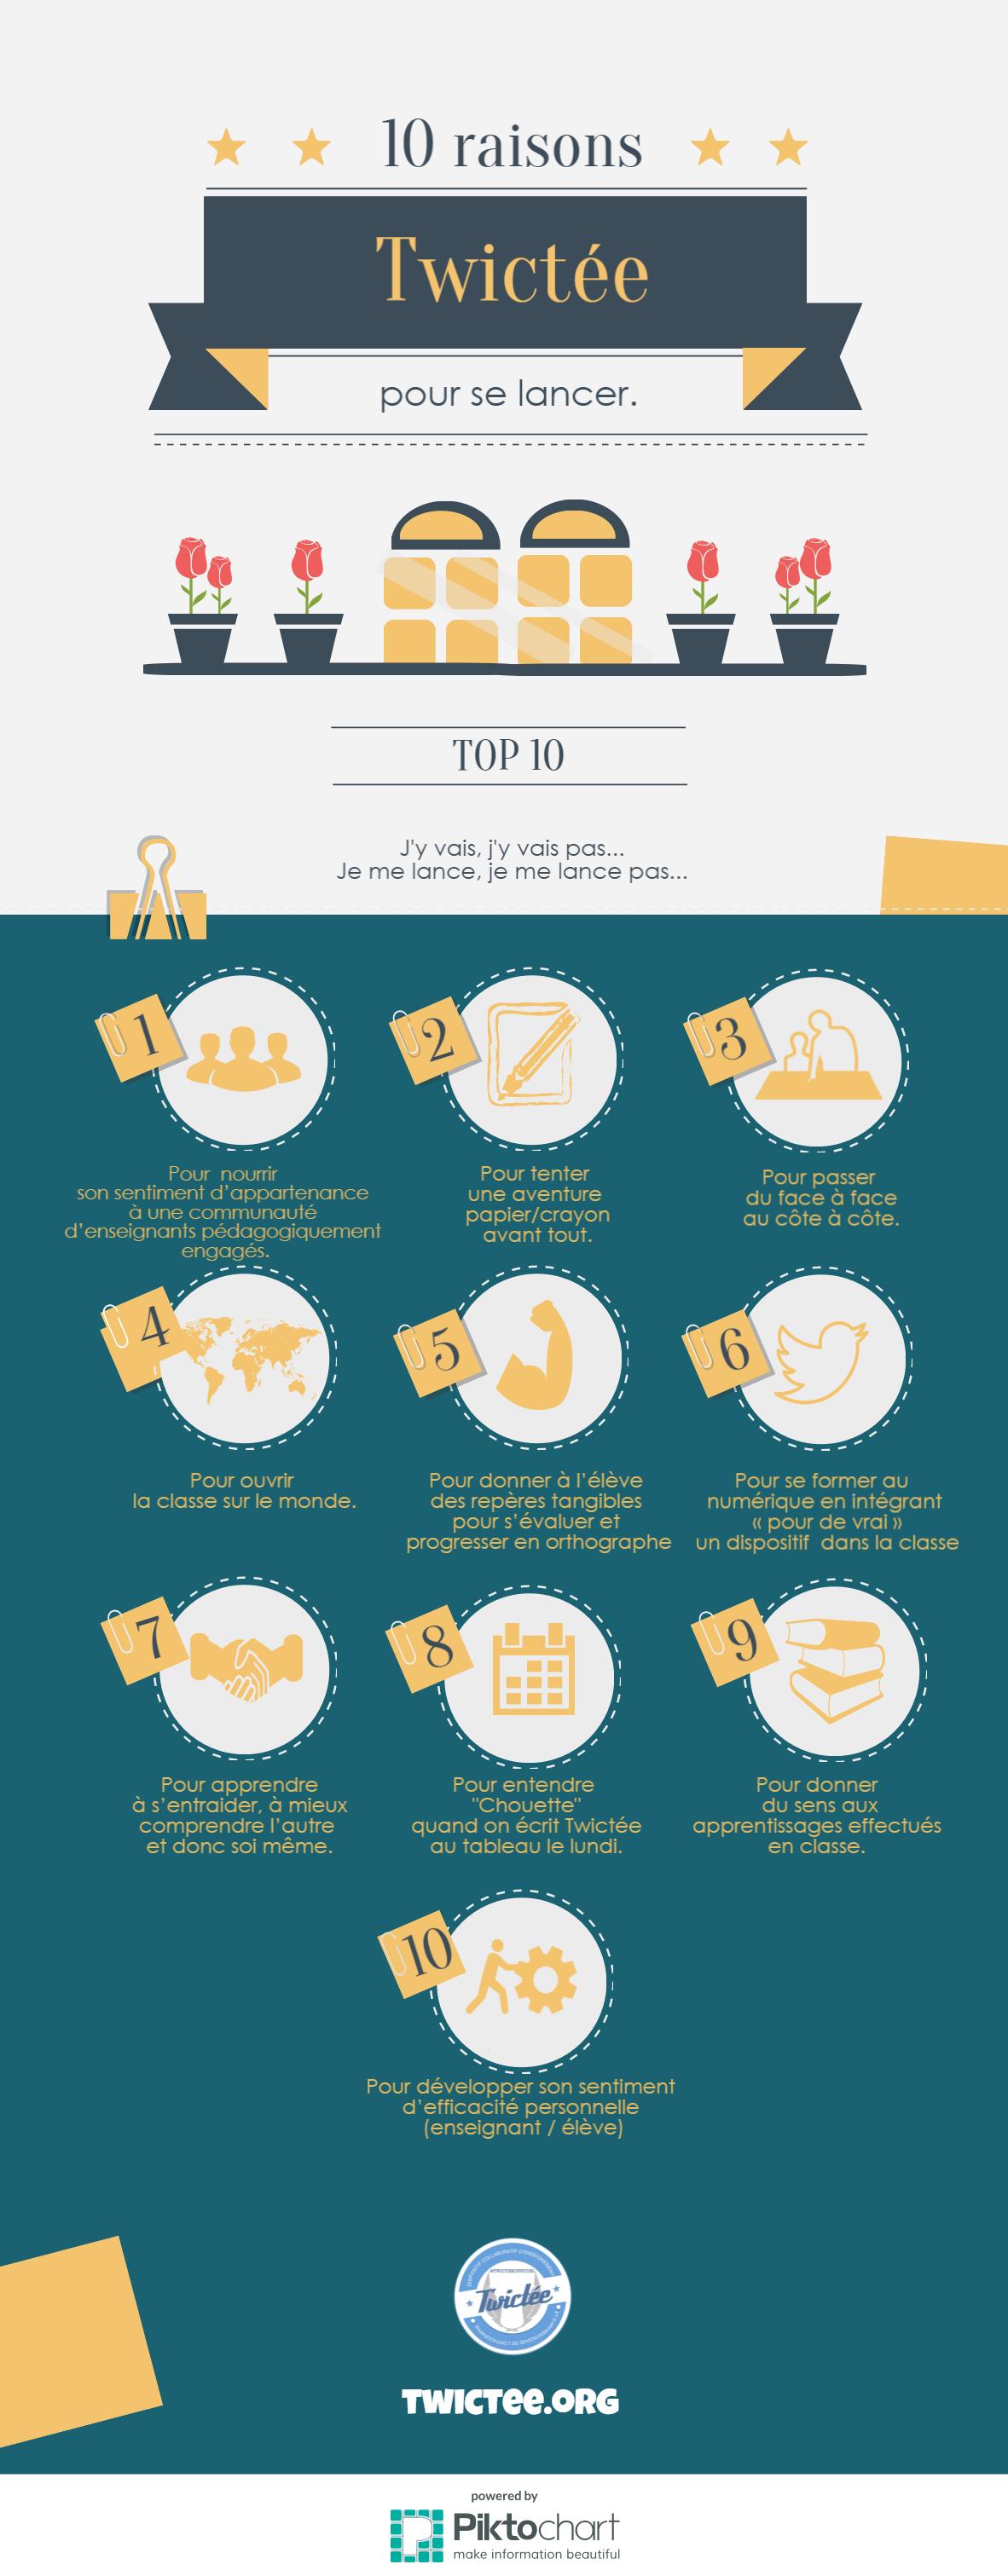 10 bonnes raisons de participer à Twictée